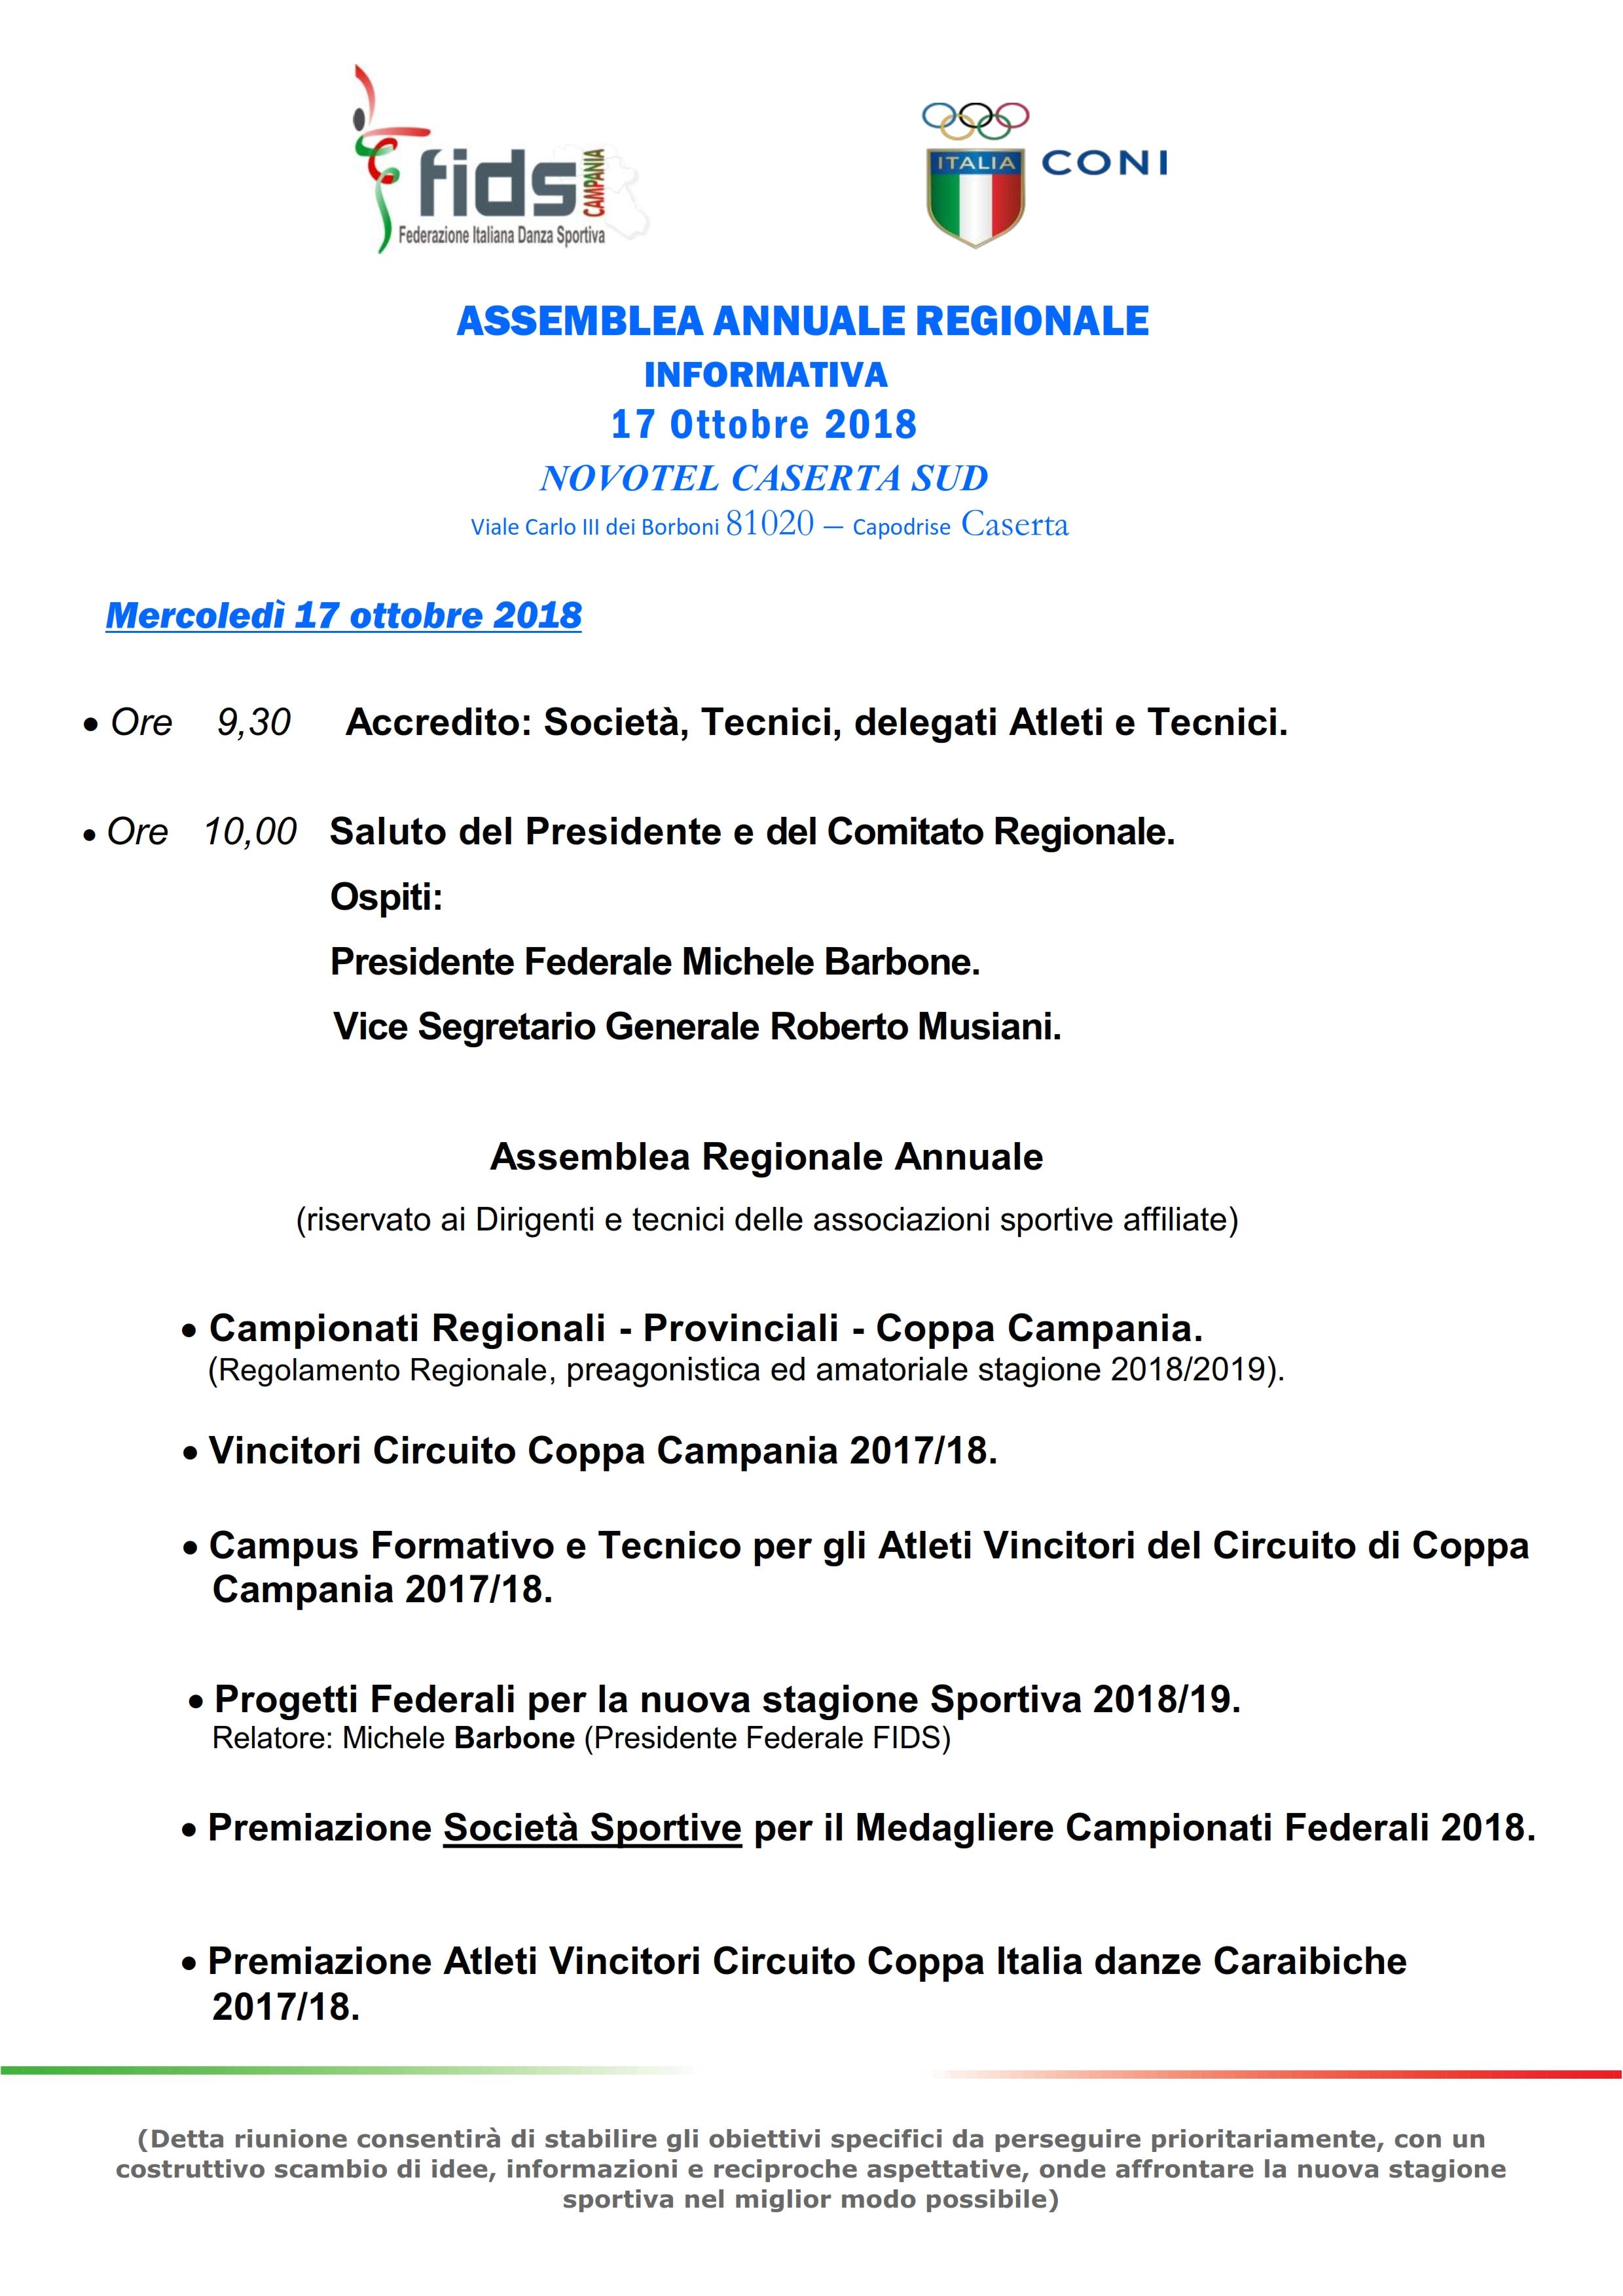 17 OTTOBRE 2018 CONGRESSO REGIONALE_001